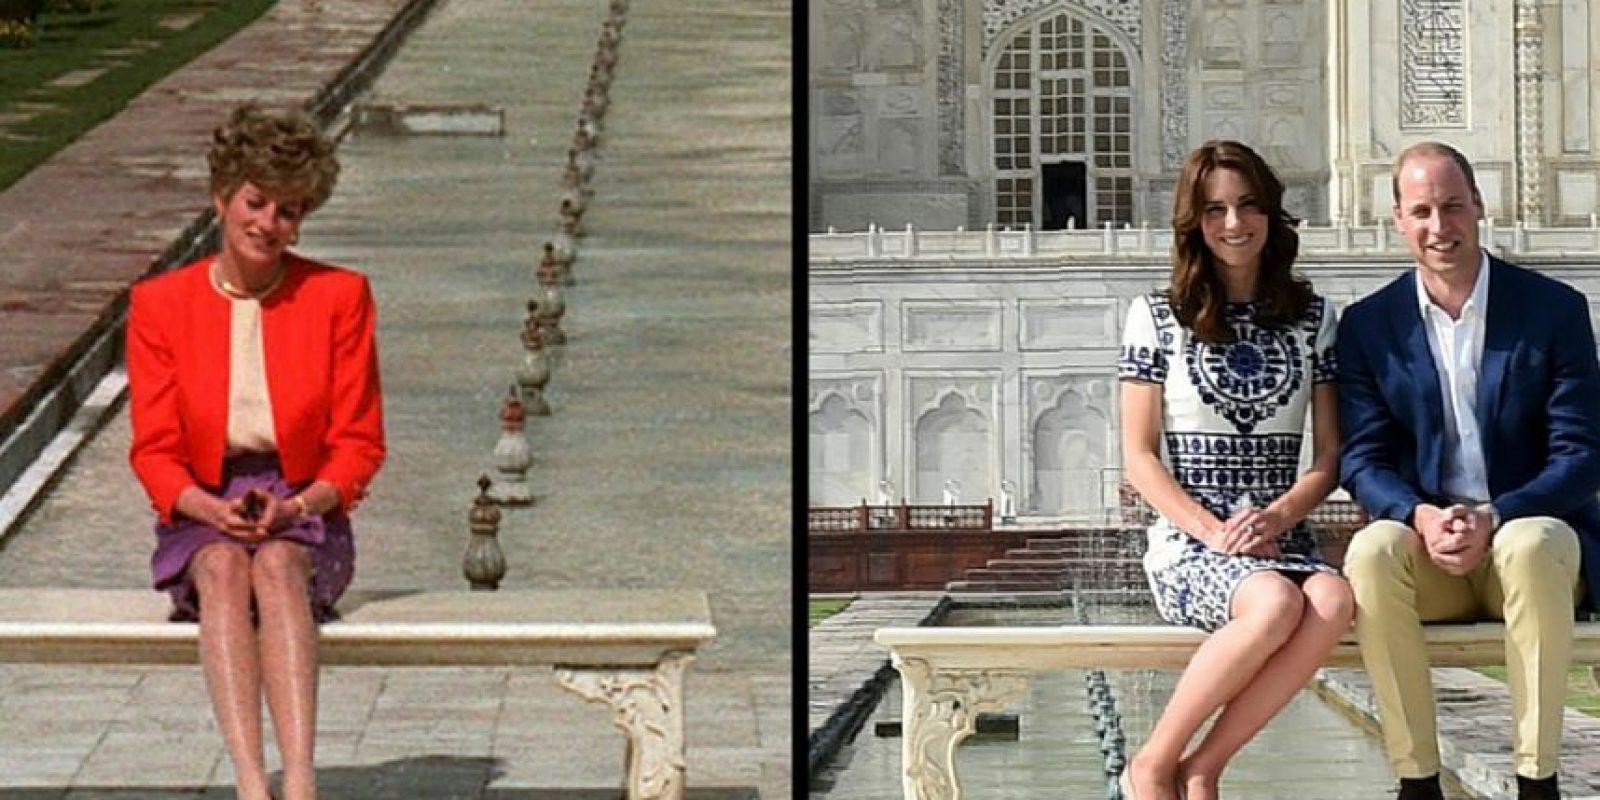 Kate Middleton y el Príncipe William, tras los pasos de la Princesa Diana Foto:AP